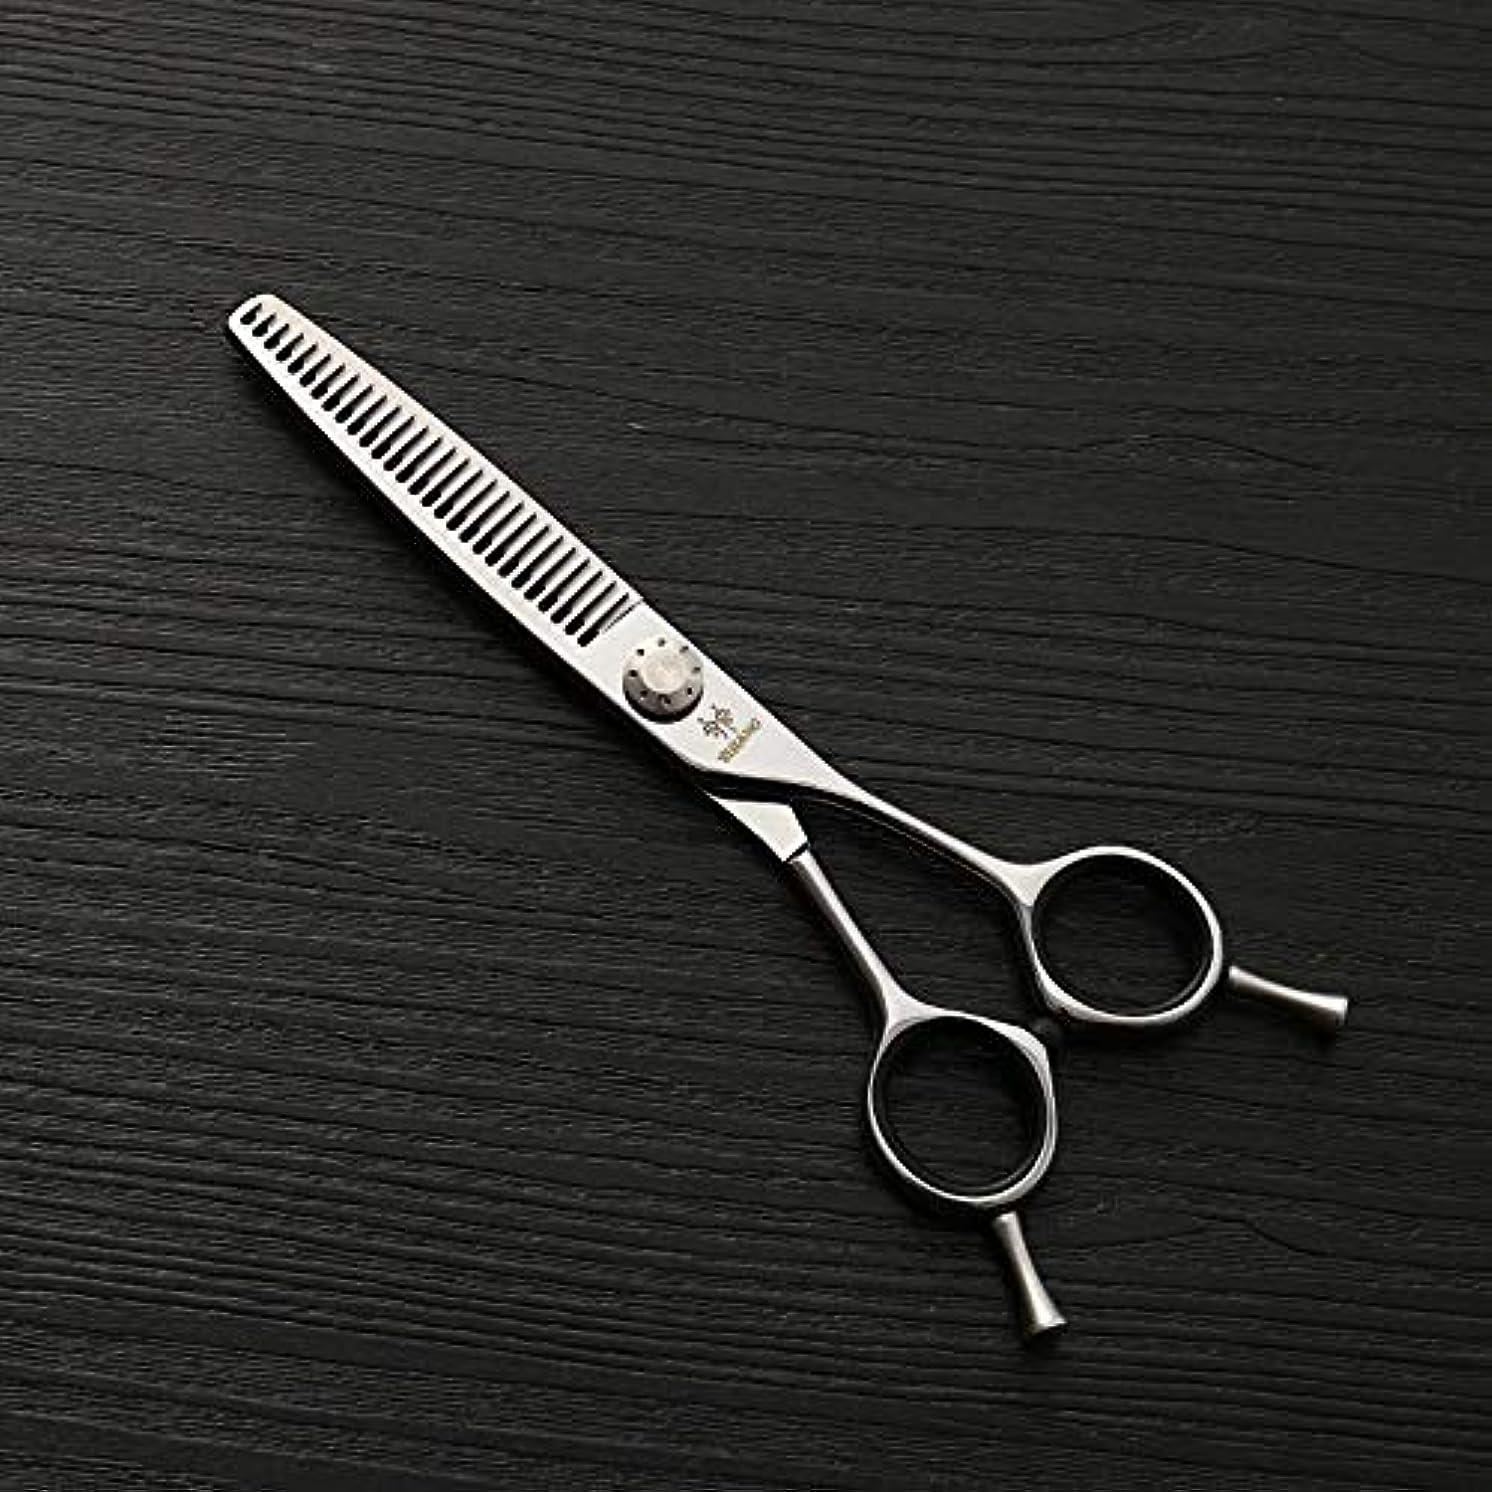 詩花束流6インチの美容院の専門のステンレス鋼の毛の切断用具はさみ、細い歯の切断の魚骨はさみ ヘアケア (色 : Silver)